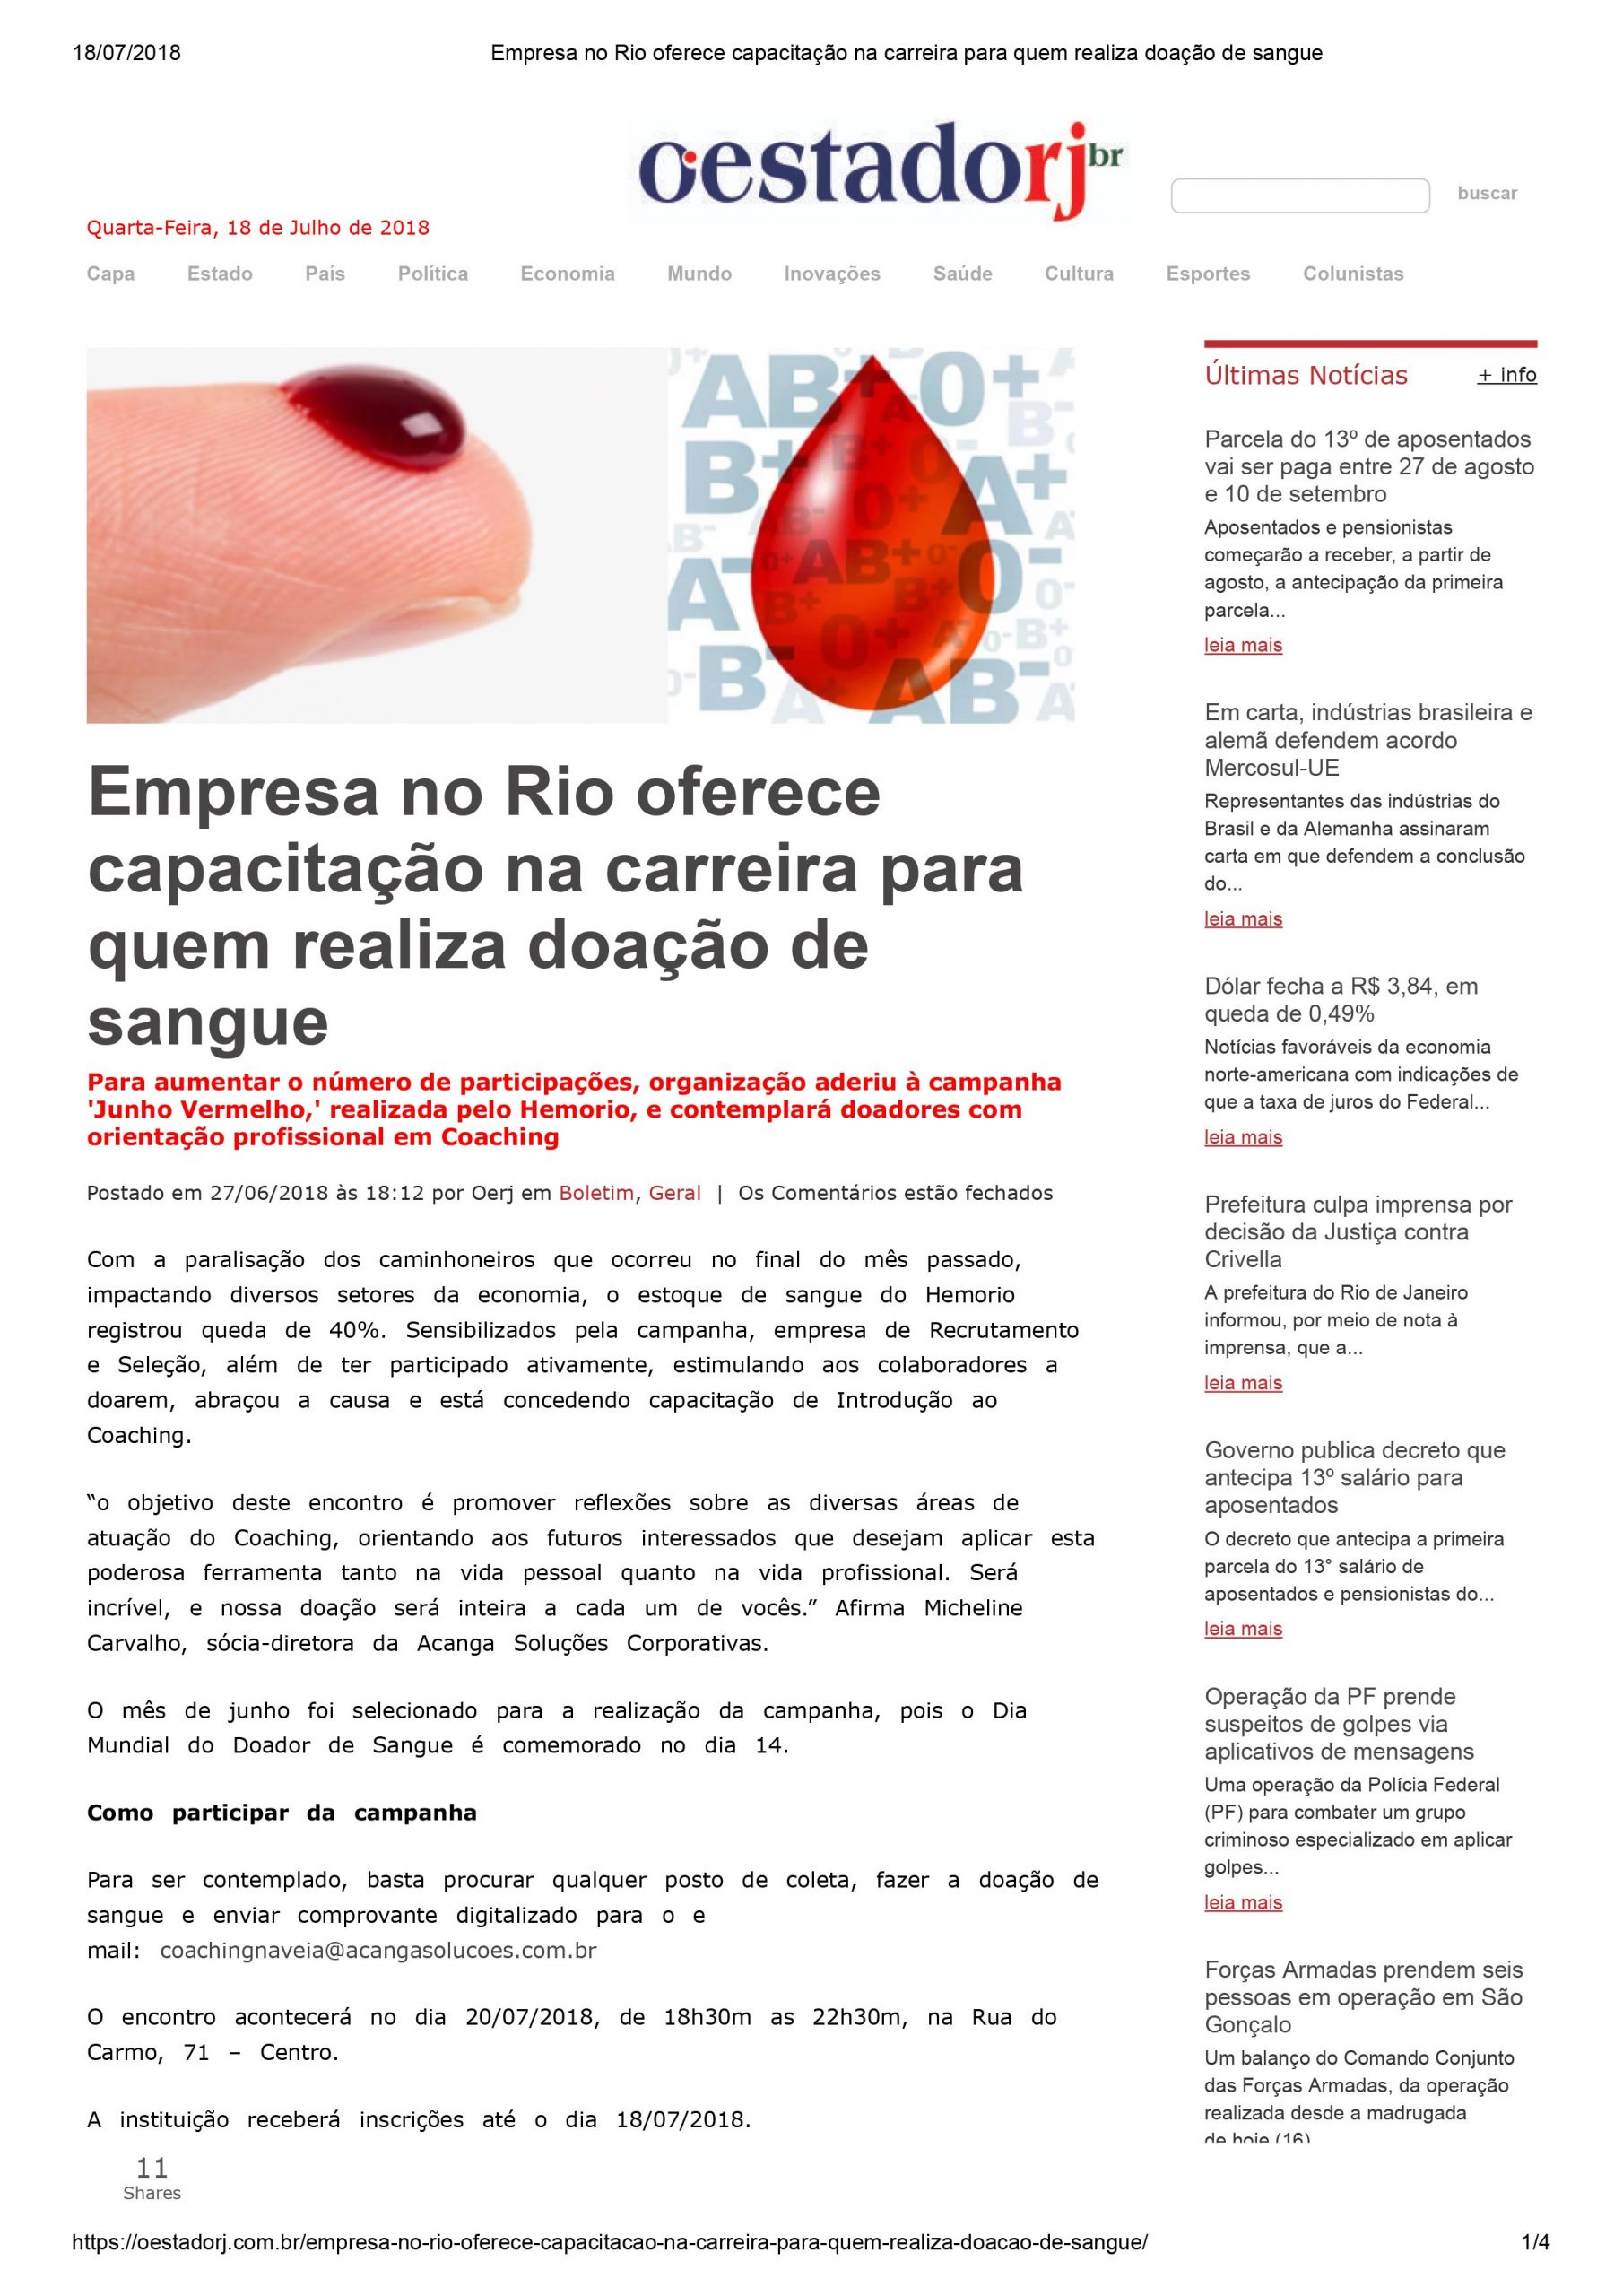 Doação de sangue hemorio coaching